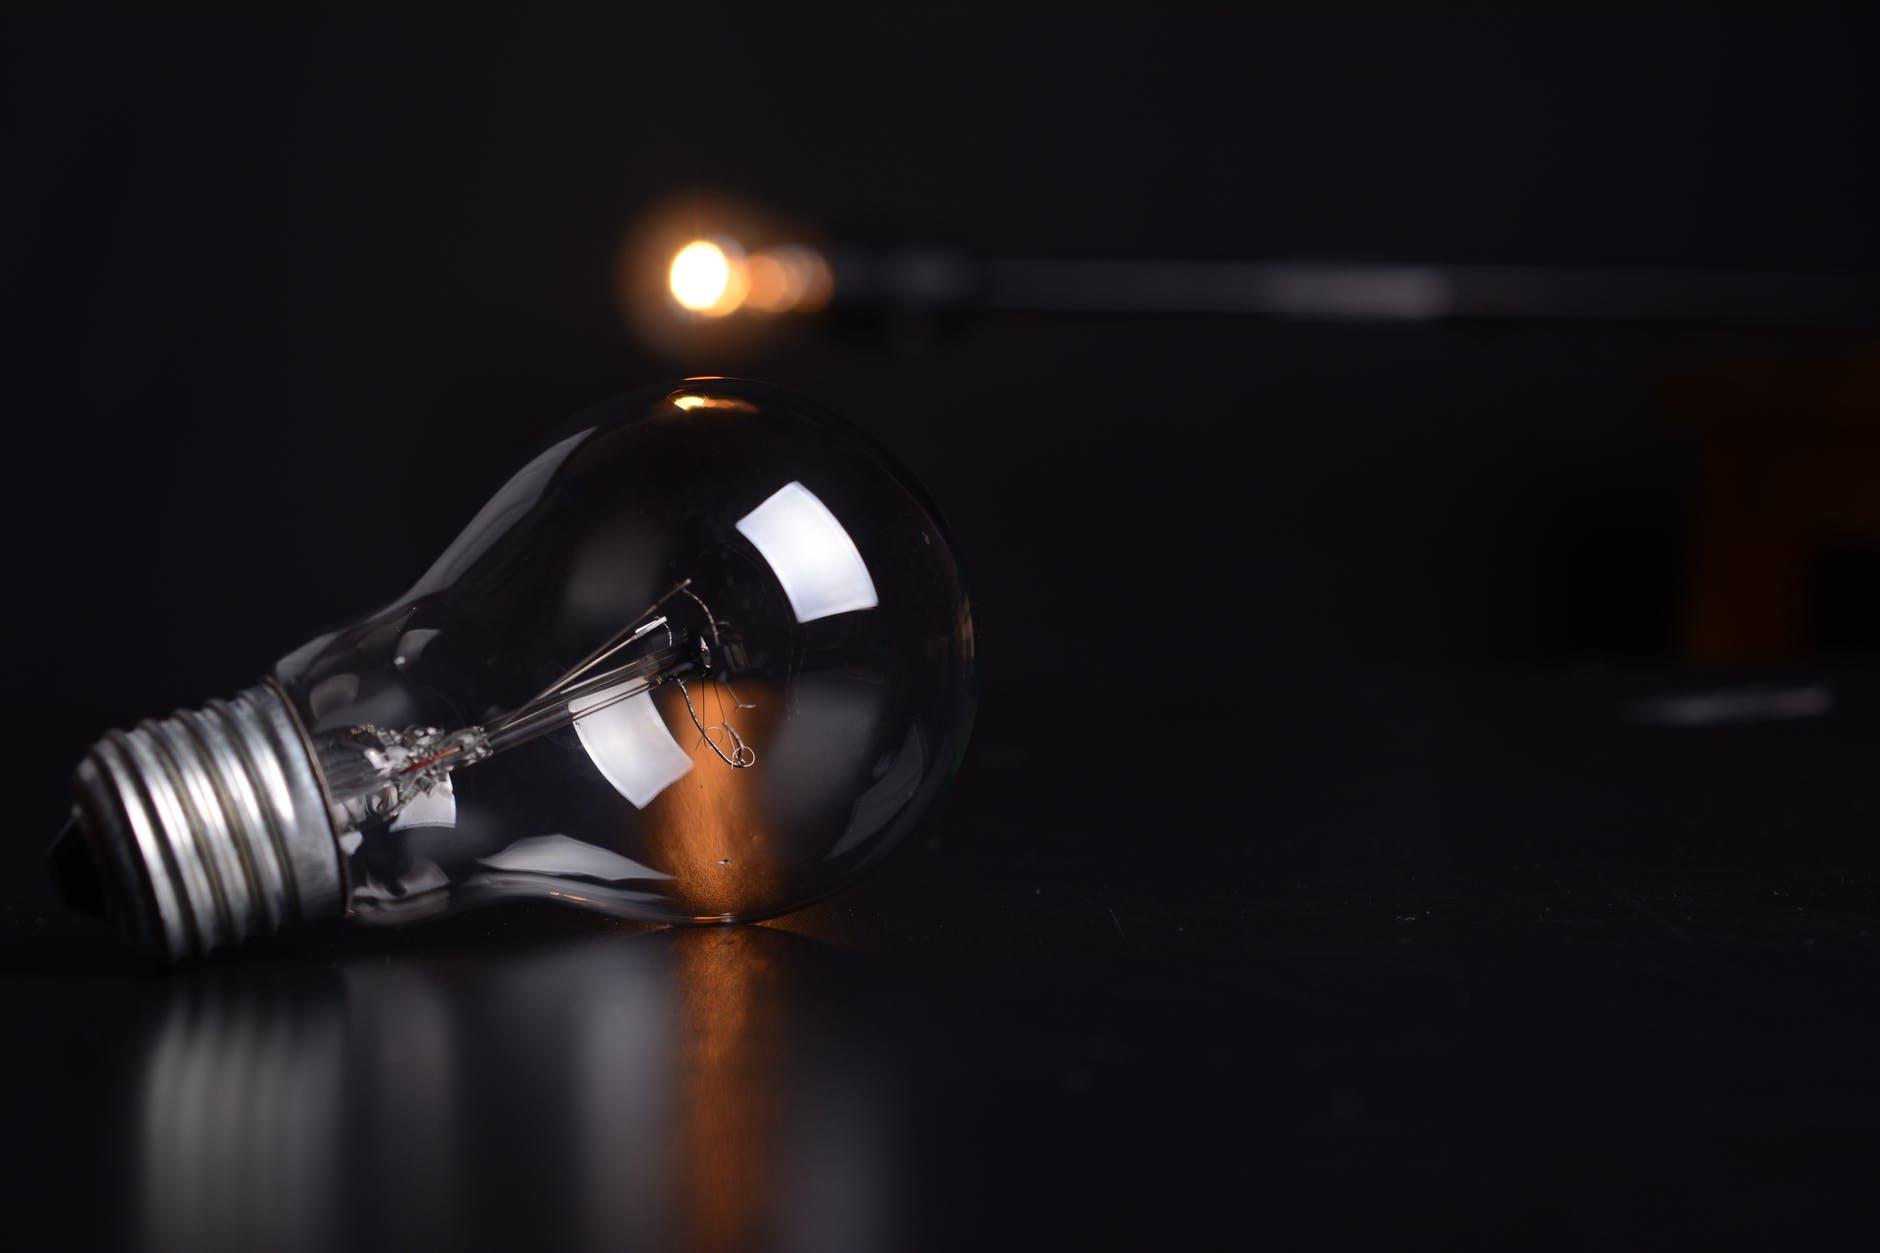 Плановые и срочные отключения электроэнергии в Новороссийске 27 сентября 2019 г.